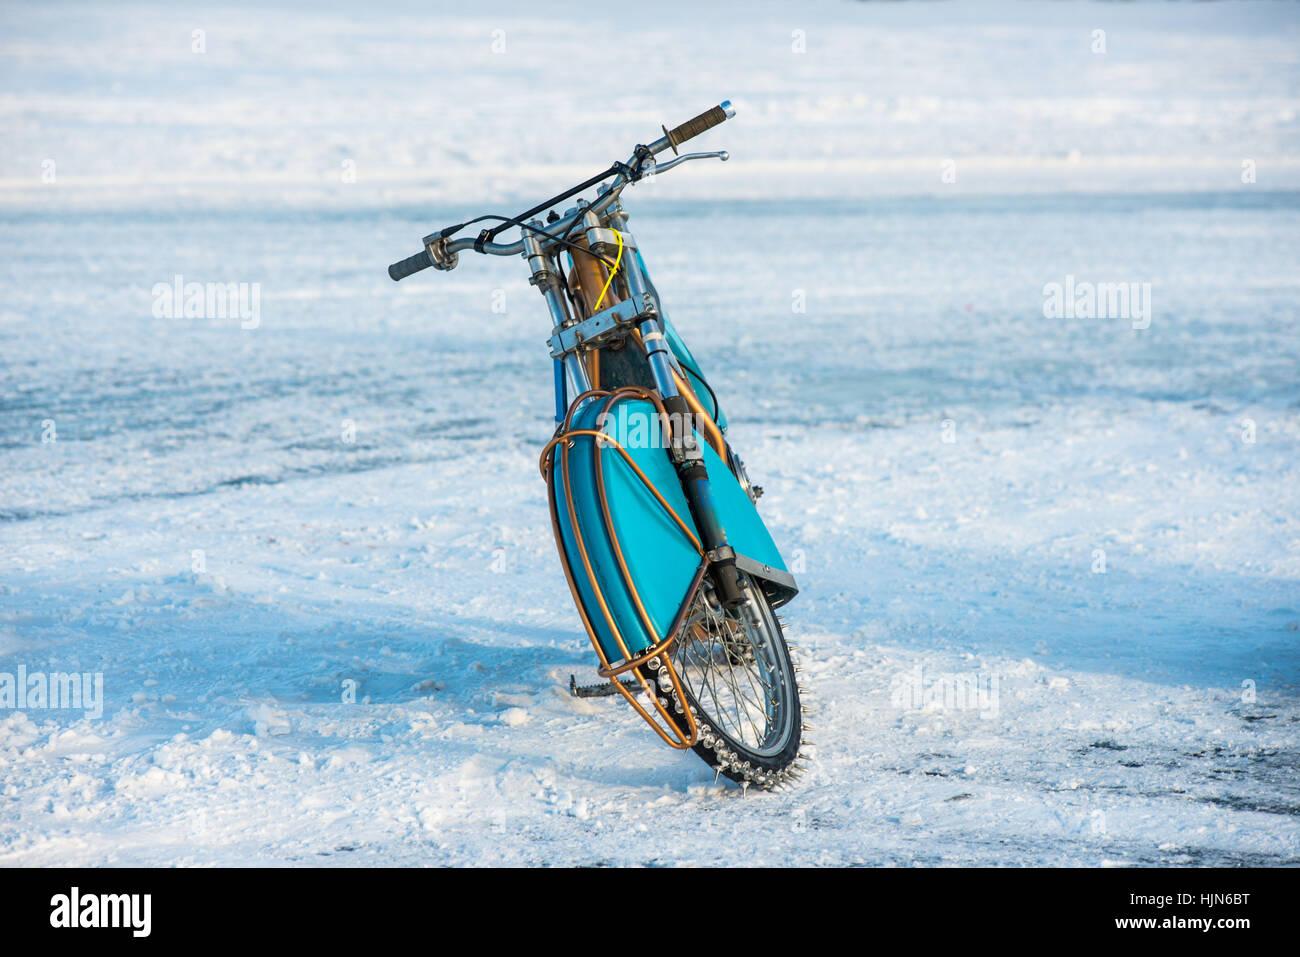 Motociclo per l'inverno Speedway Immagini Stock